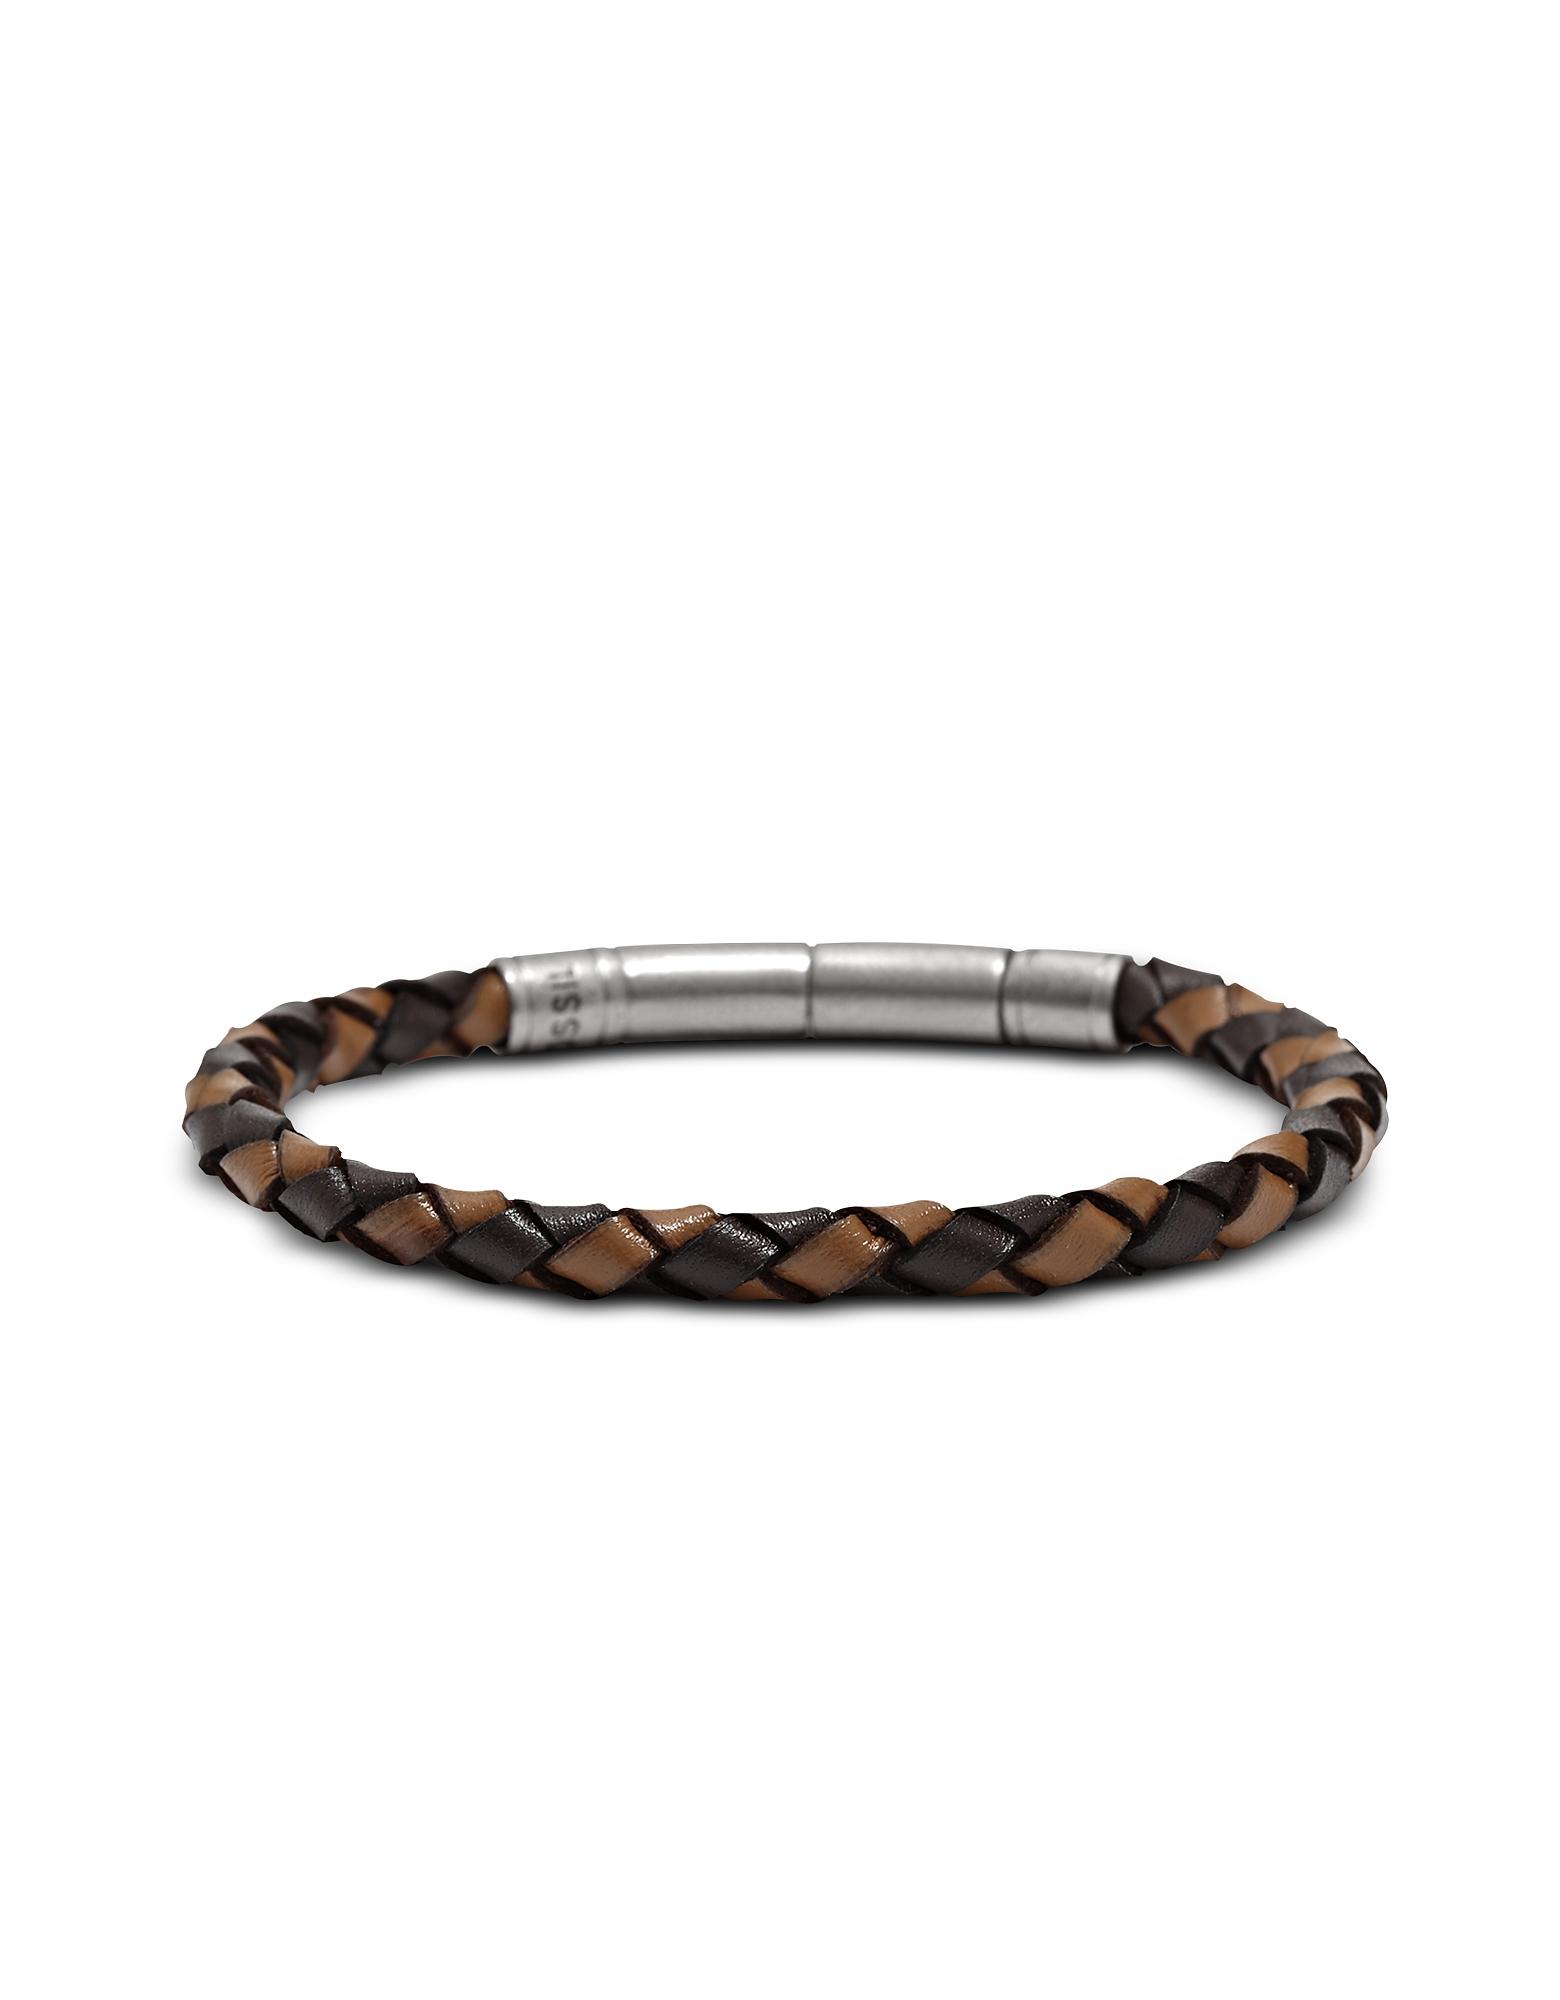 Fossil Designer Men's Bracelets, Brown Braided Men's Bracelet